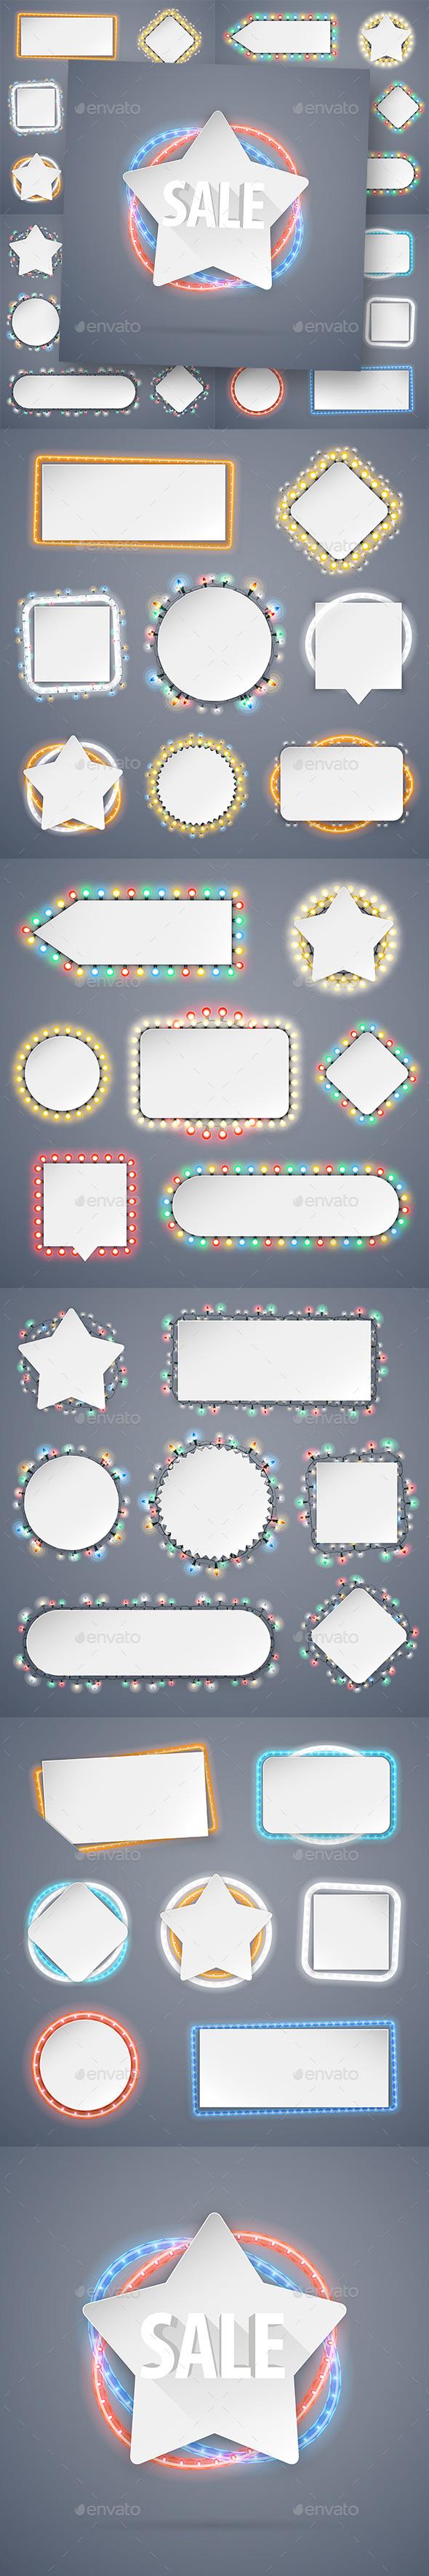 Christmas Banners With Lights Decorations - Christmas Seasons/Holidays